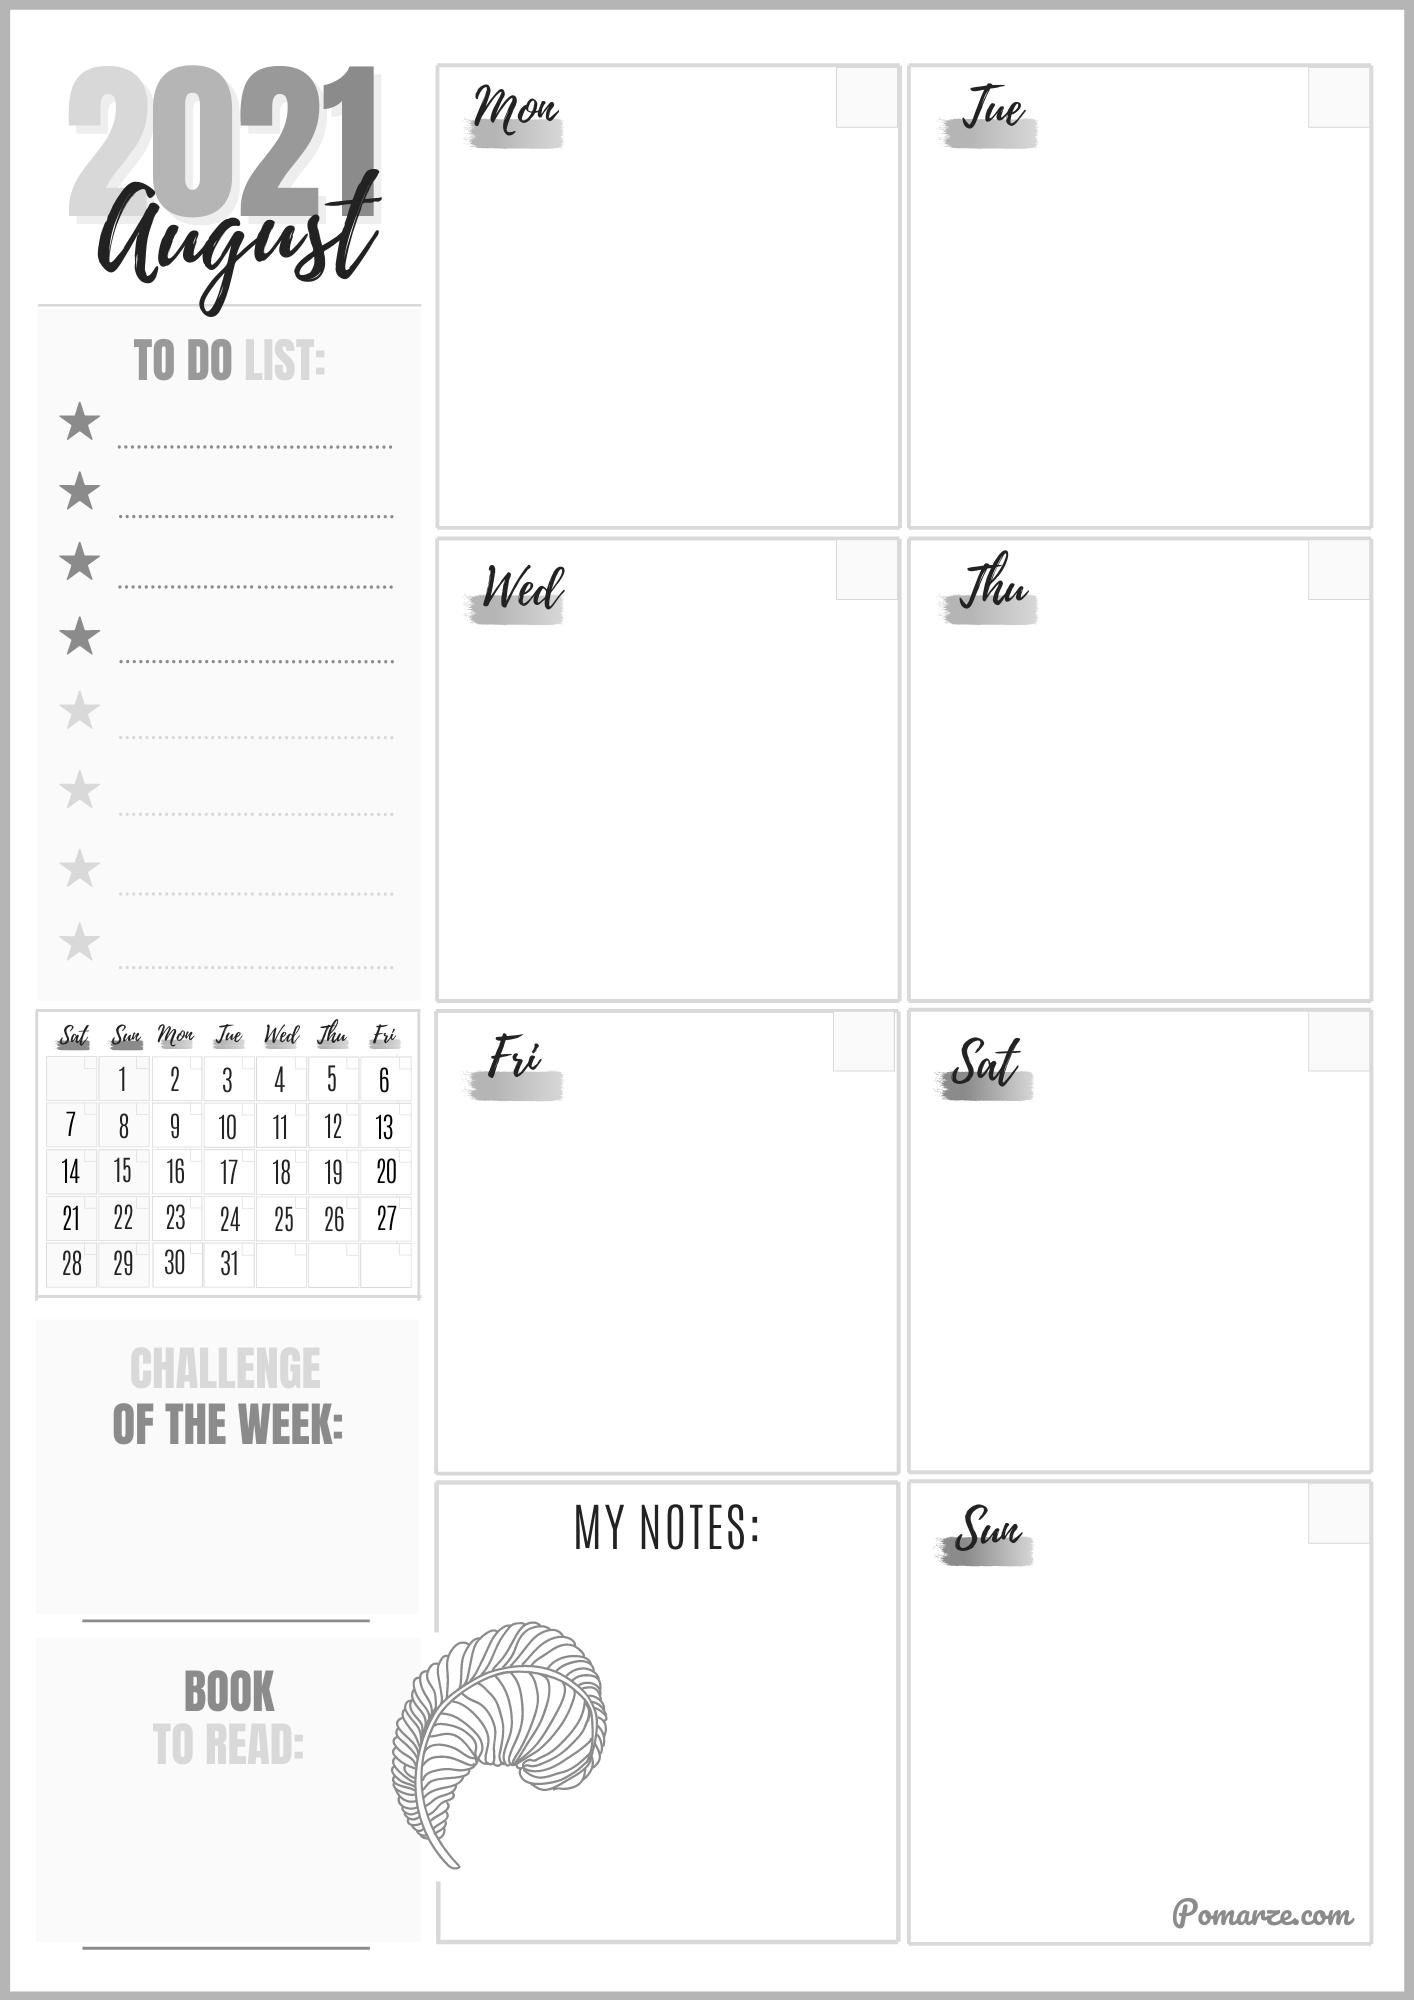 Weekly calendar planner August 2021 black-white printable pdf